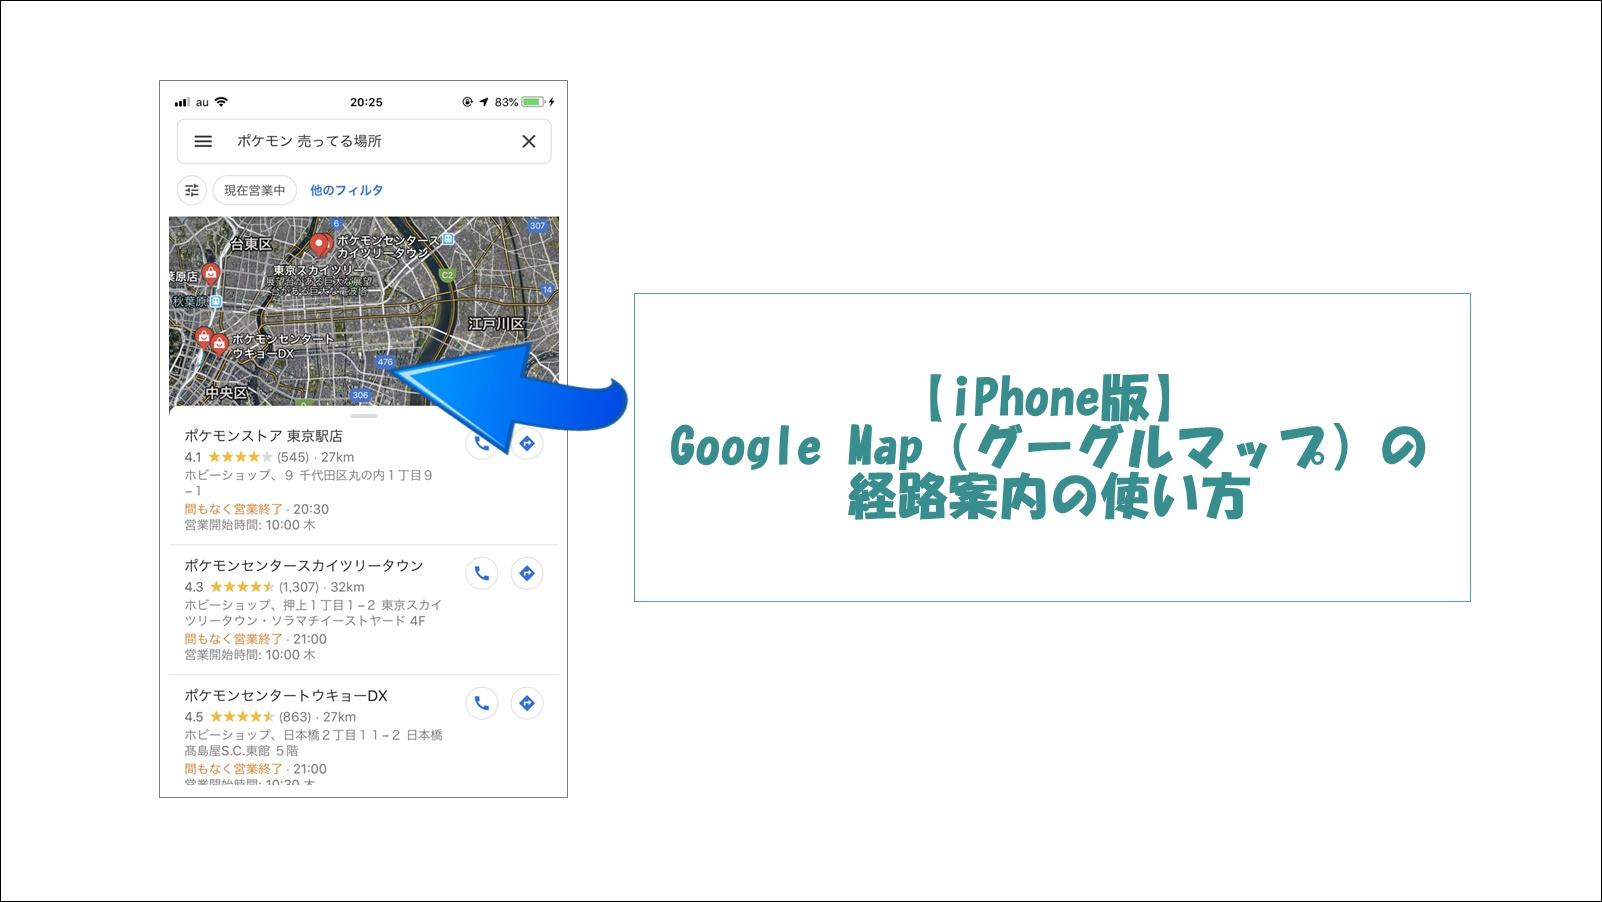 【iPhone版】Google Map(グーグルマップ)の経路案内の使い方